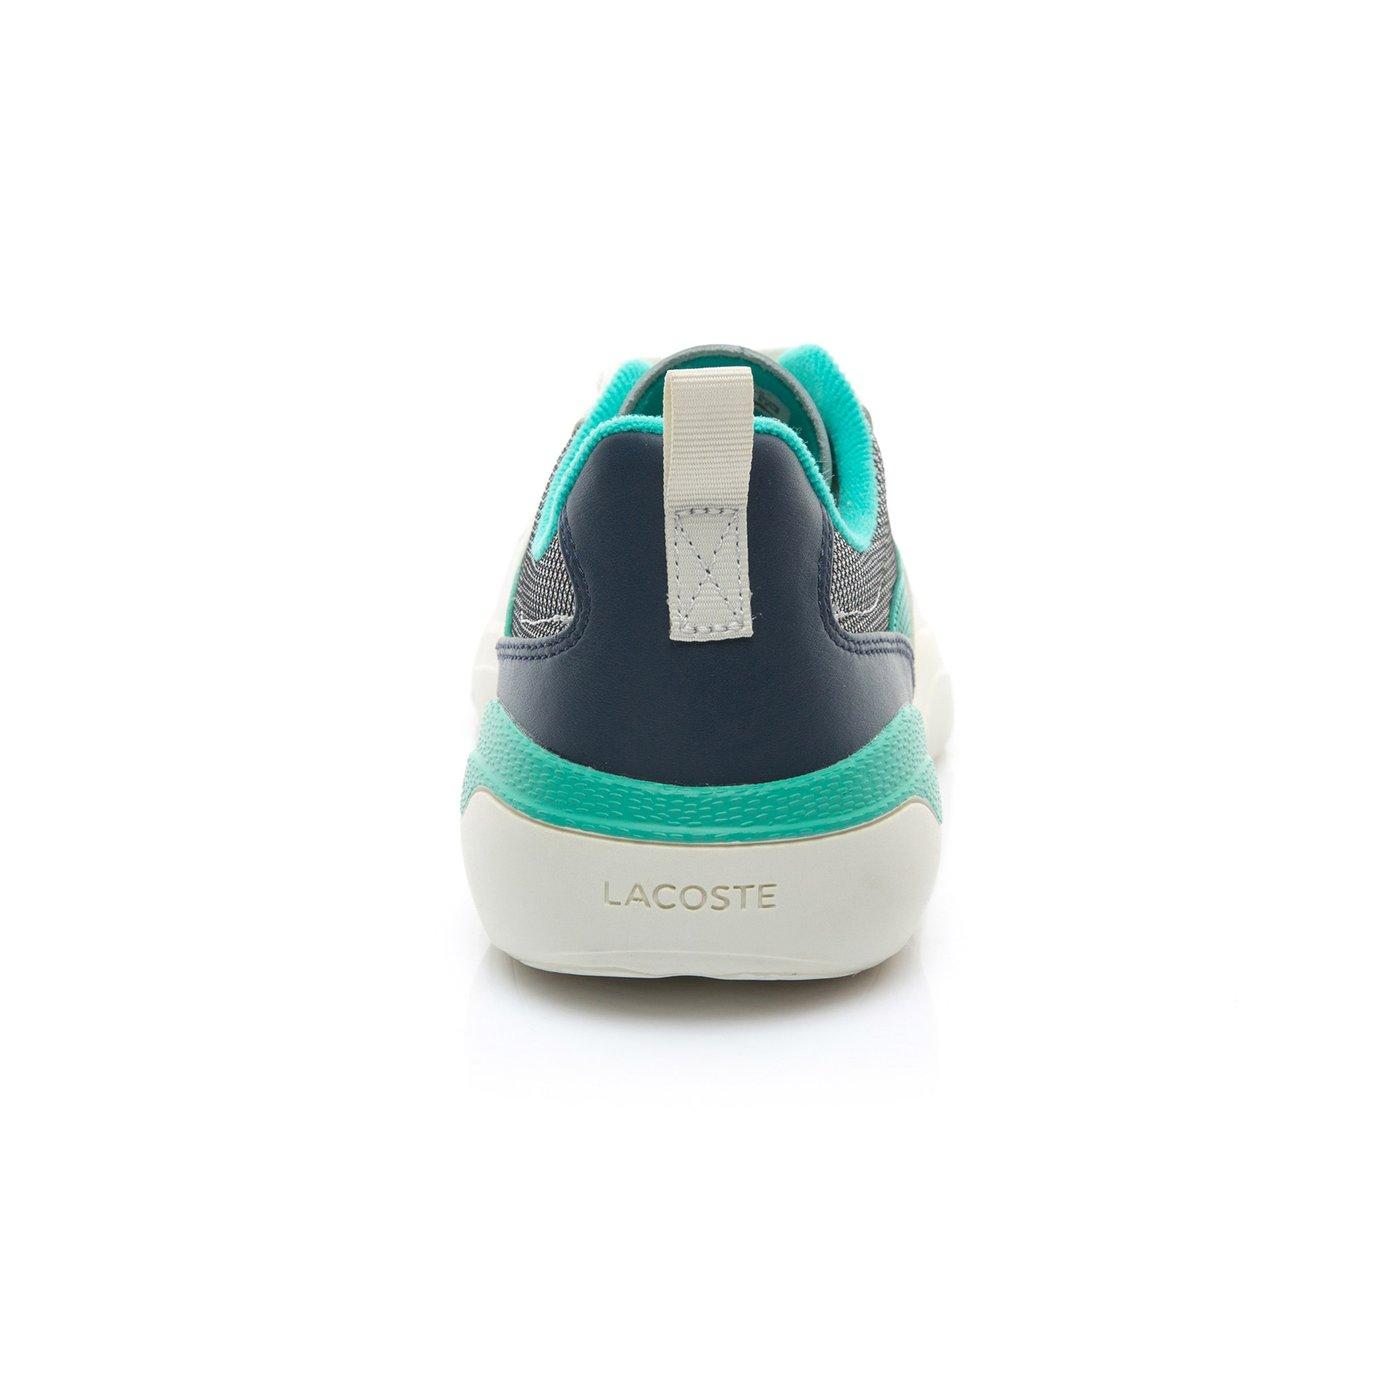 Lacoste Erkek Bej - Yeşil Wıldcard 219 1 Spor Ayakkabı